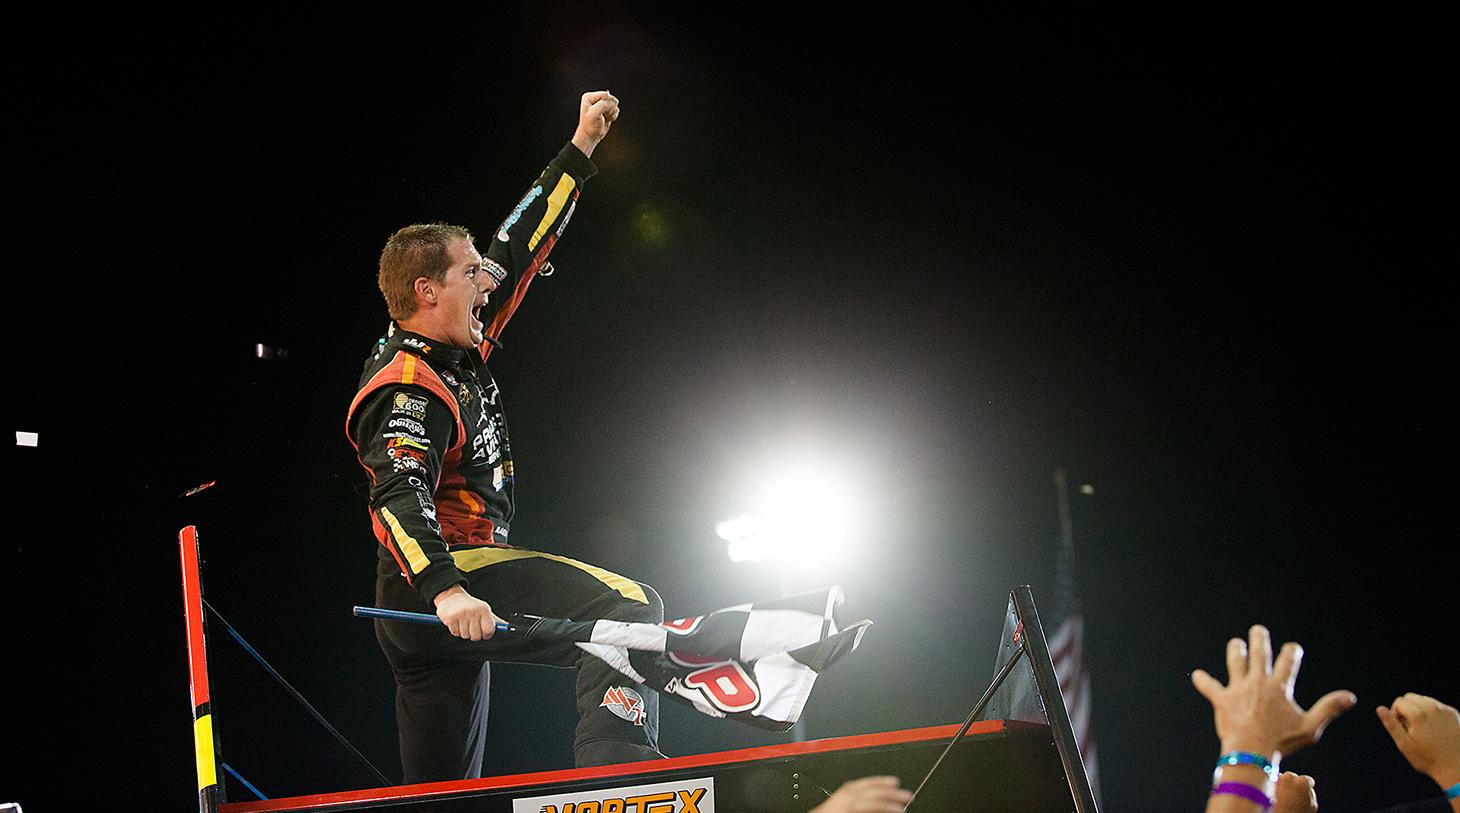 Jason Johnson on top of the Sprint Car world